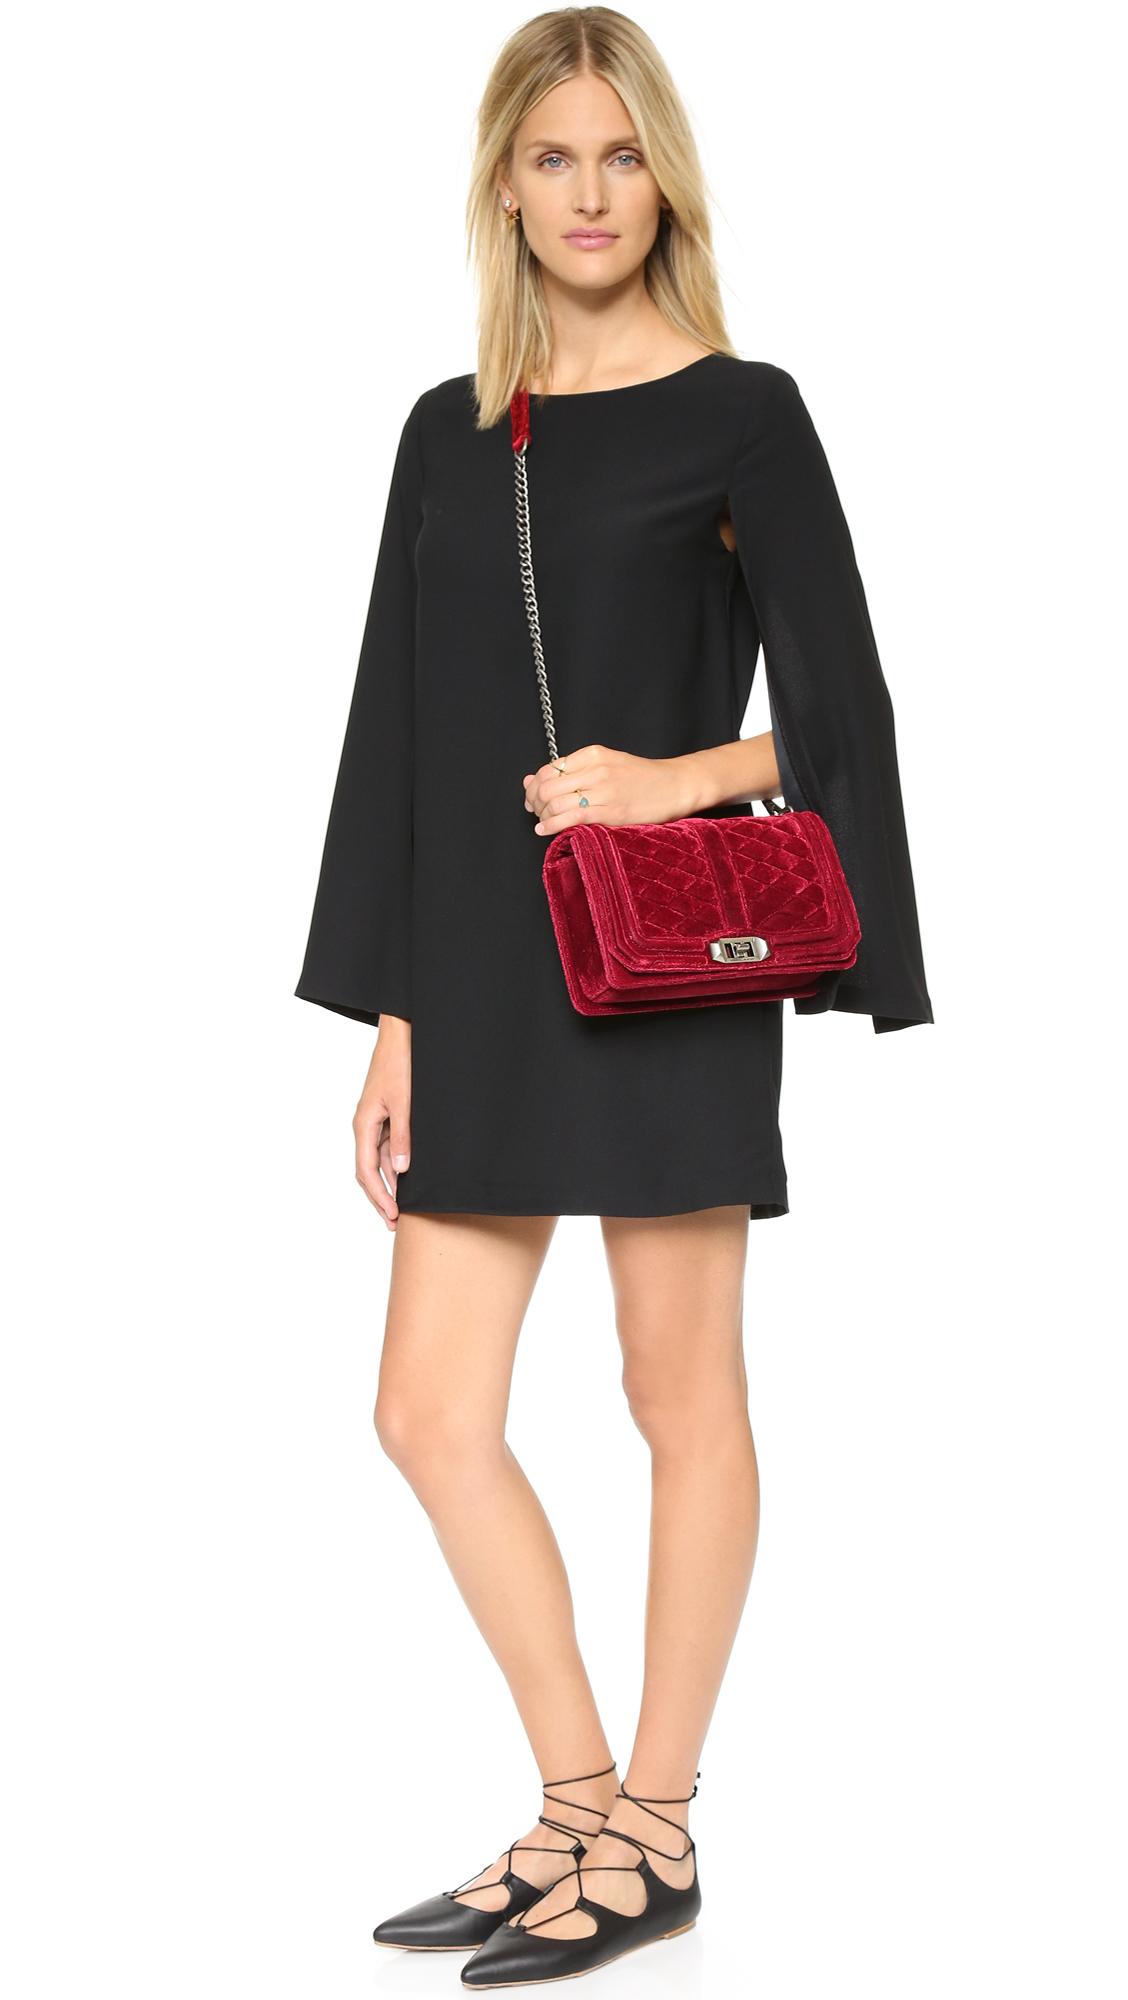 Rebecca Minkoff Velvet Love Cross Body Bag  0408c29f5e208